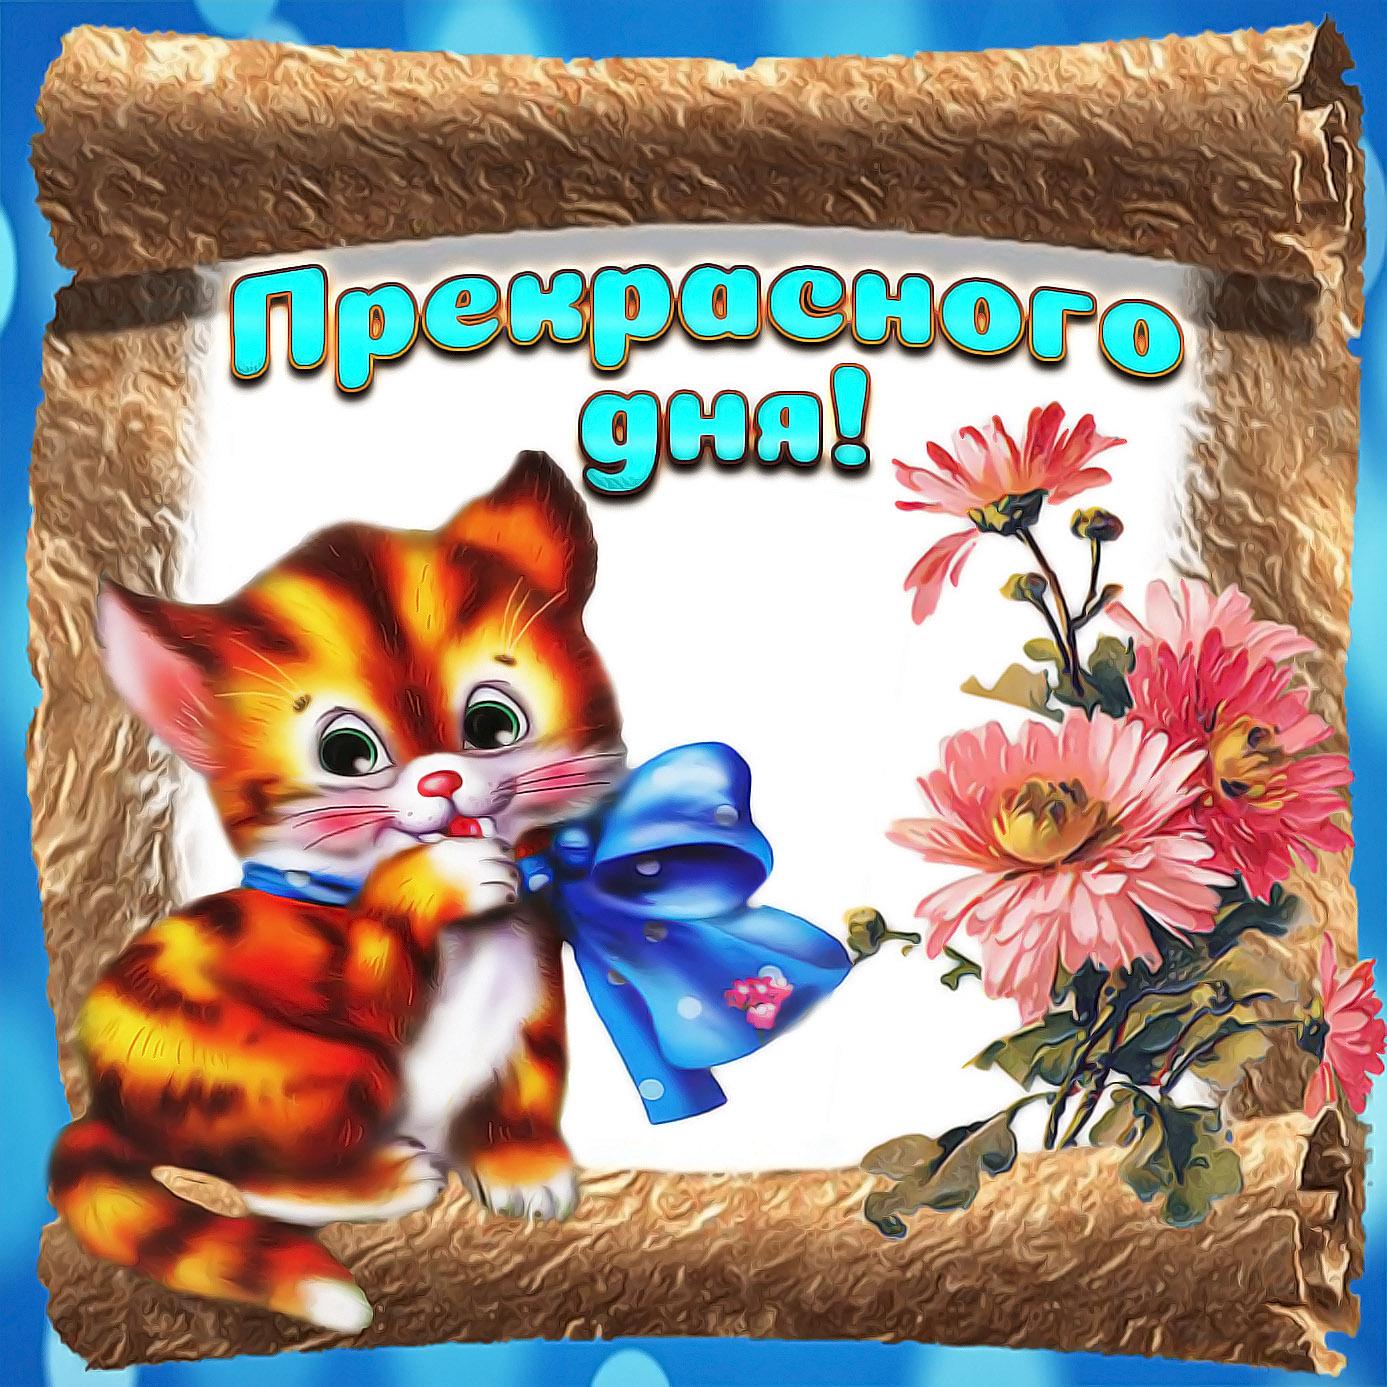 Милая открытка прекрасного дня с котёнком